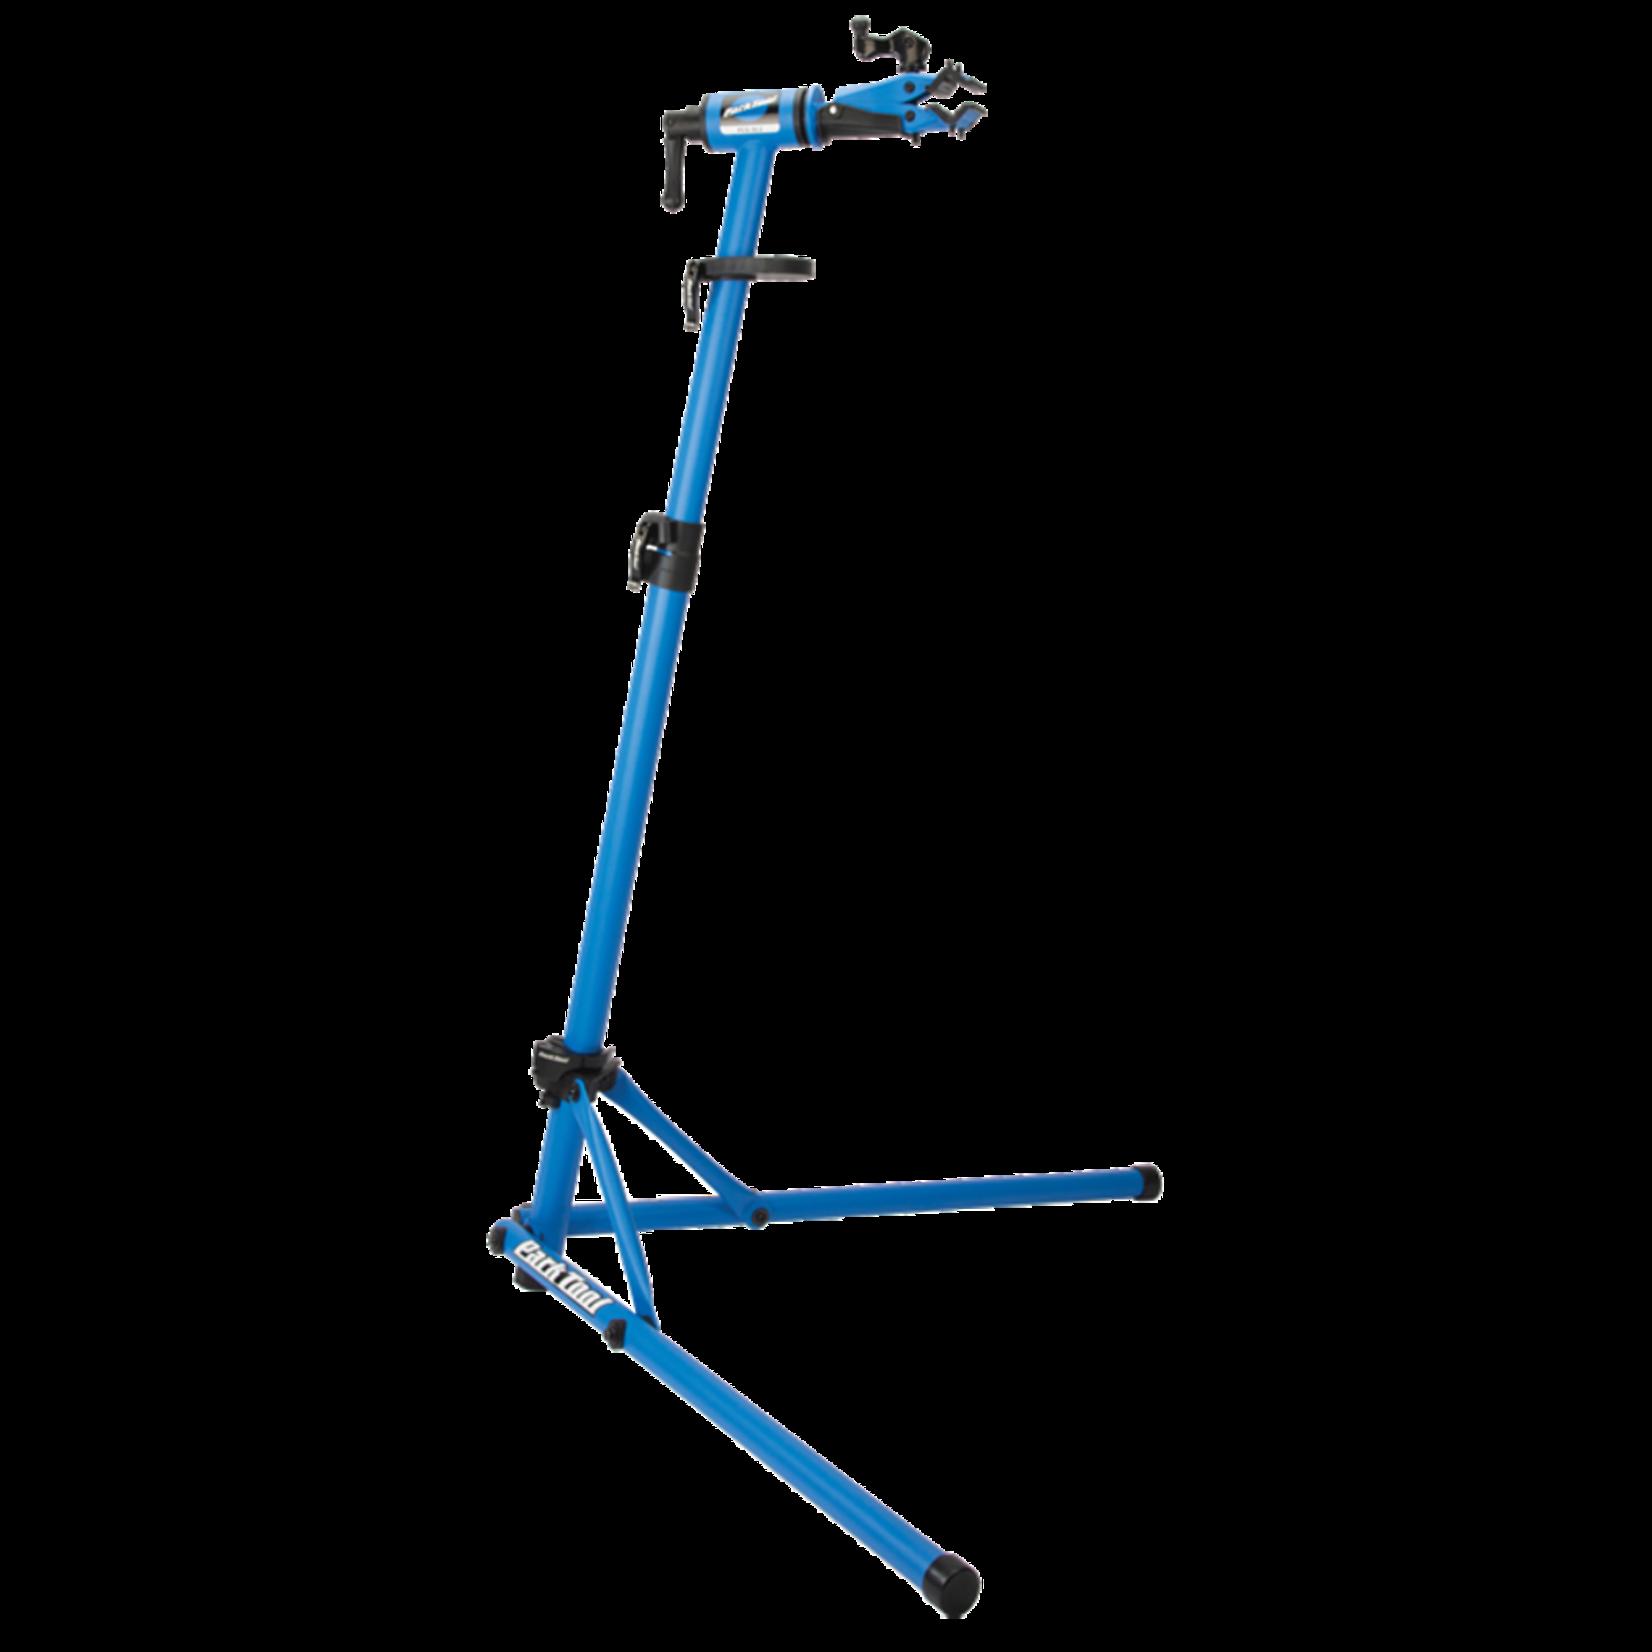 Park tool Park Tool - Fahrradständer per pulizia e manutenzione E-Bike